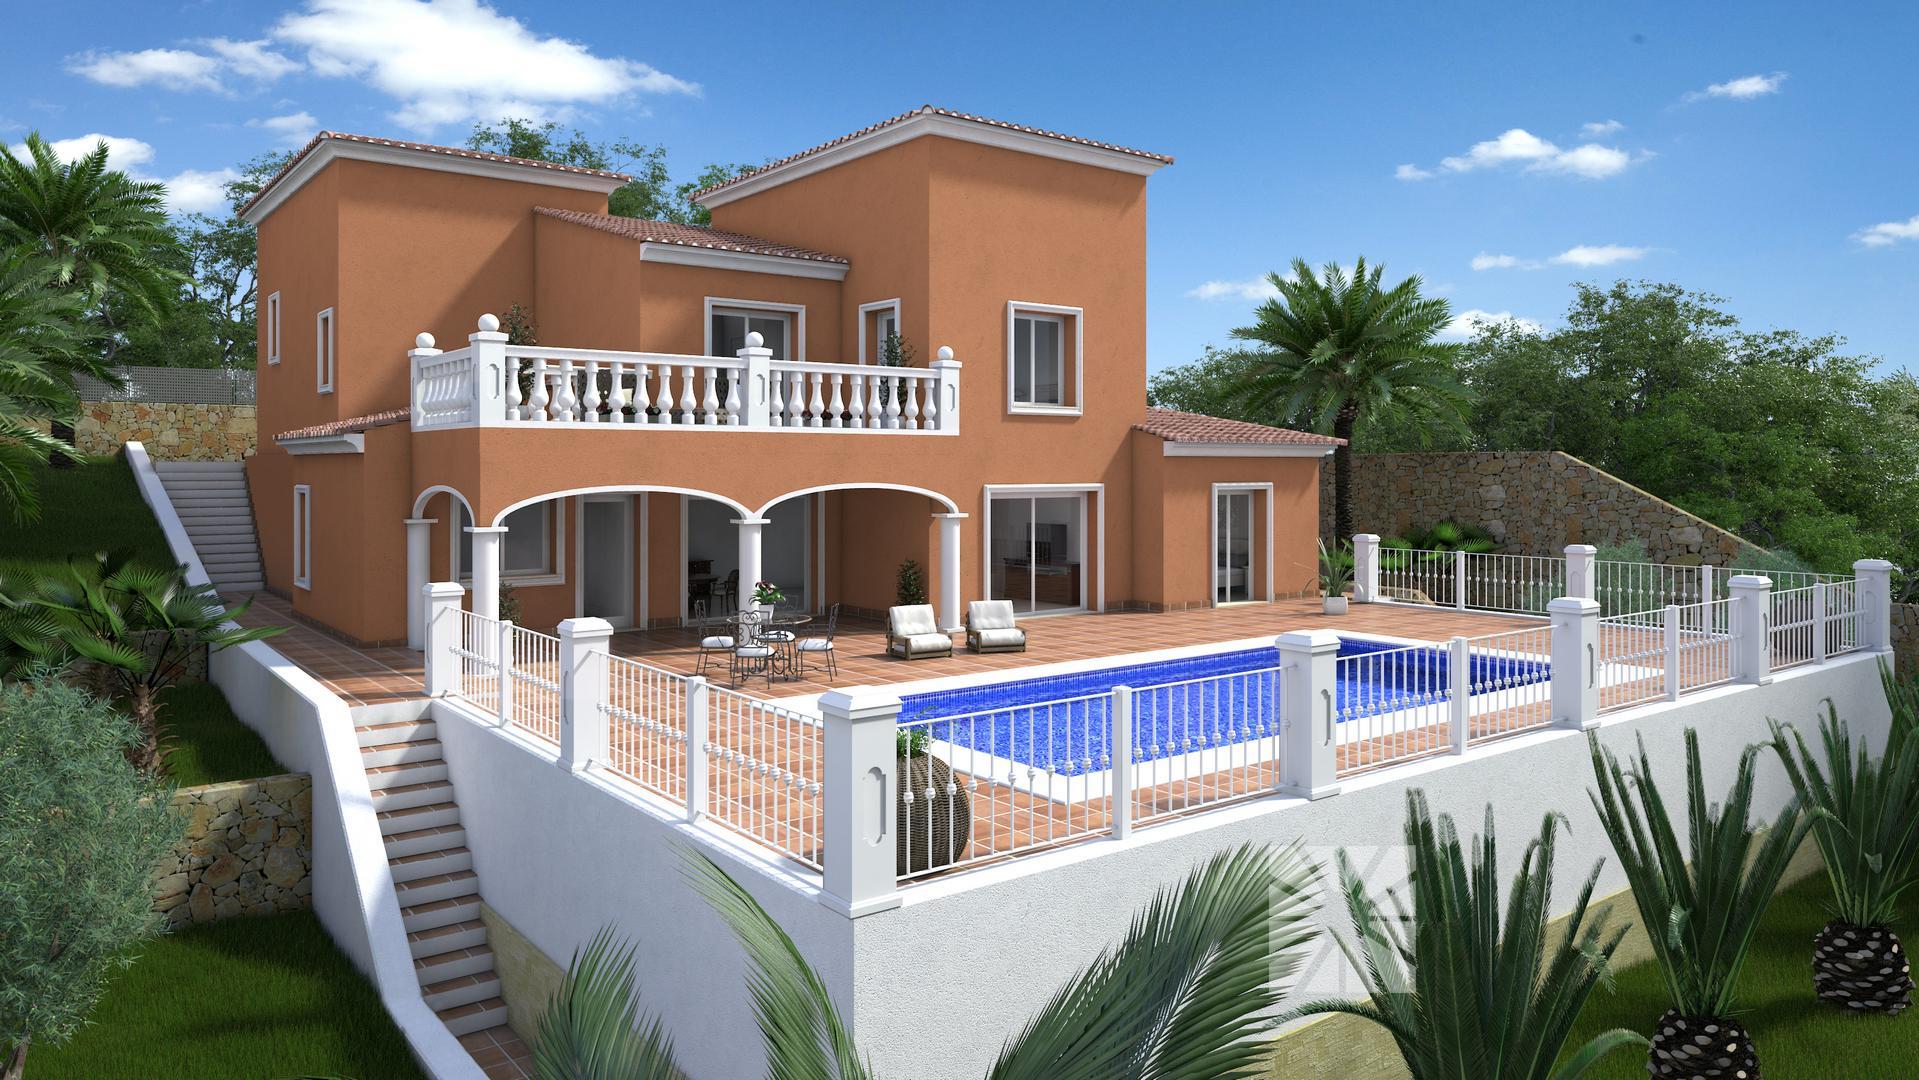 Venta chalets en cumbre del sol villa modelo berna de 249 - Modelos de chalet ...